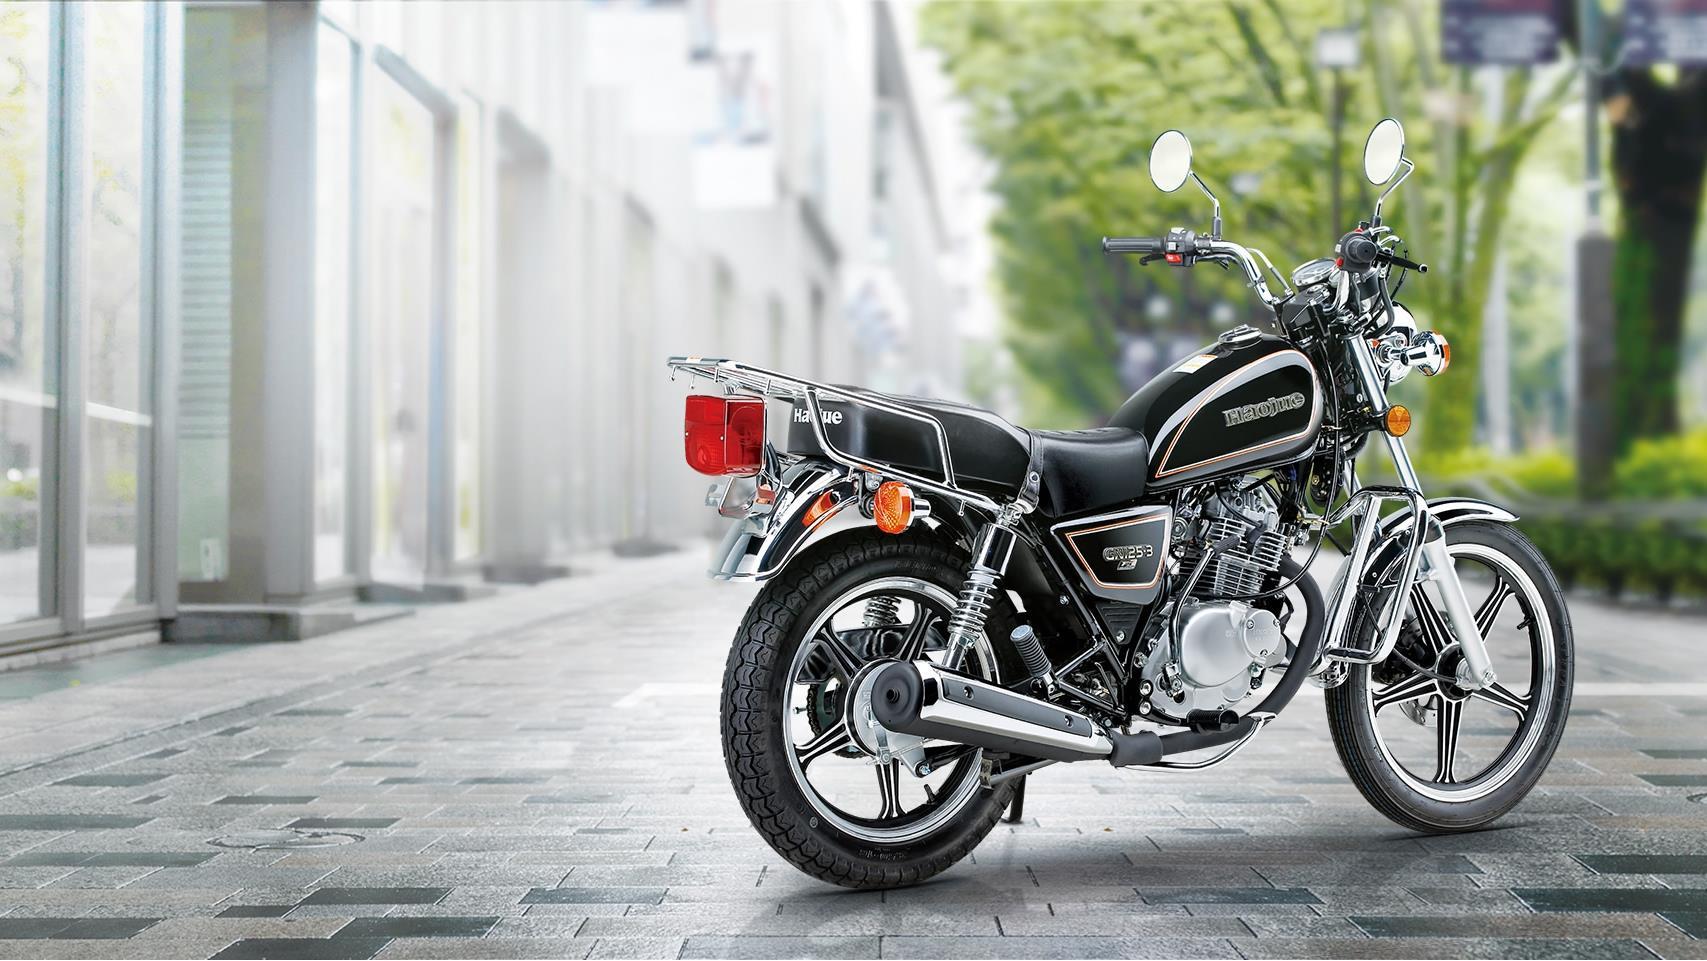 經典太子摩托,高手把低坐姿坐騎舒服,實用性寬泛代步馱人馱東西